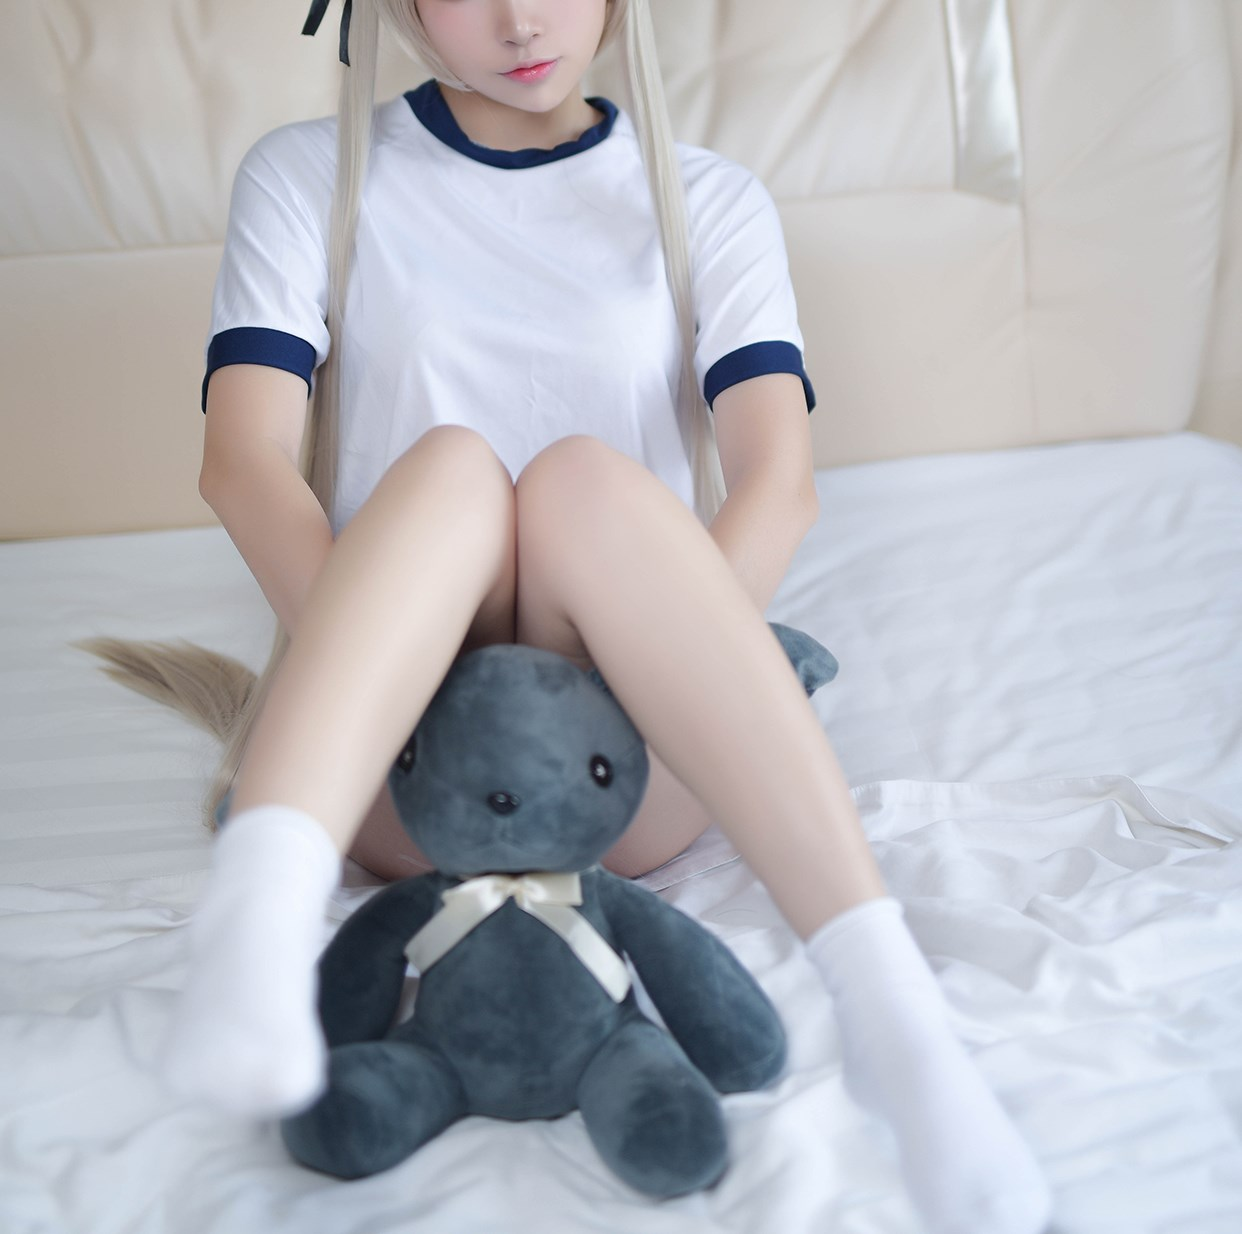 【兔玩映画】体操服穹妹与初音未来 兔玩映画 第20张